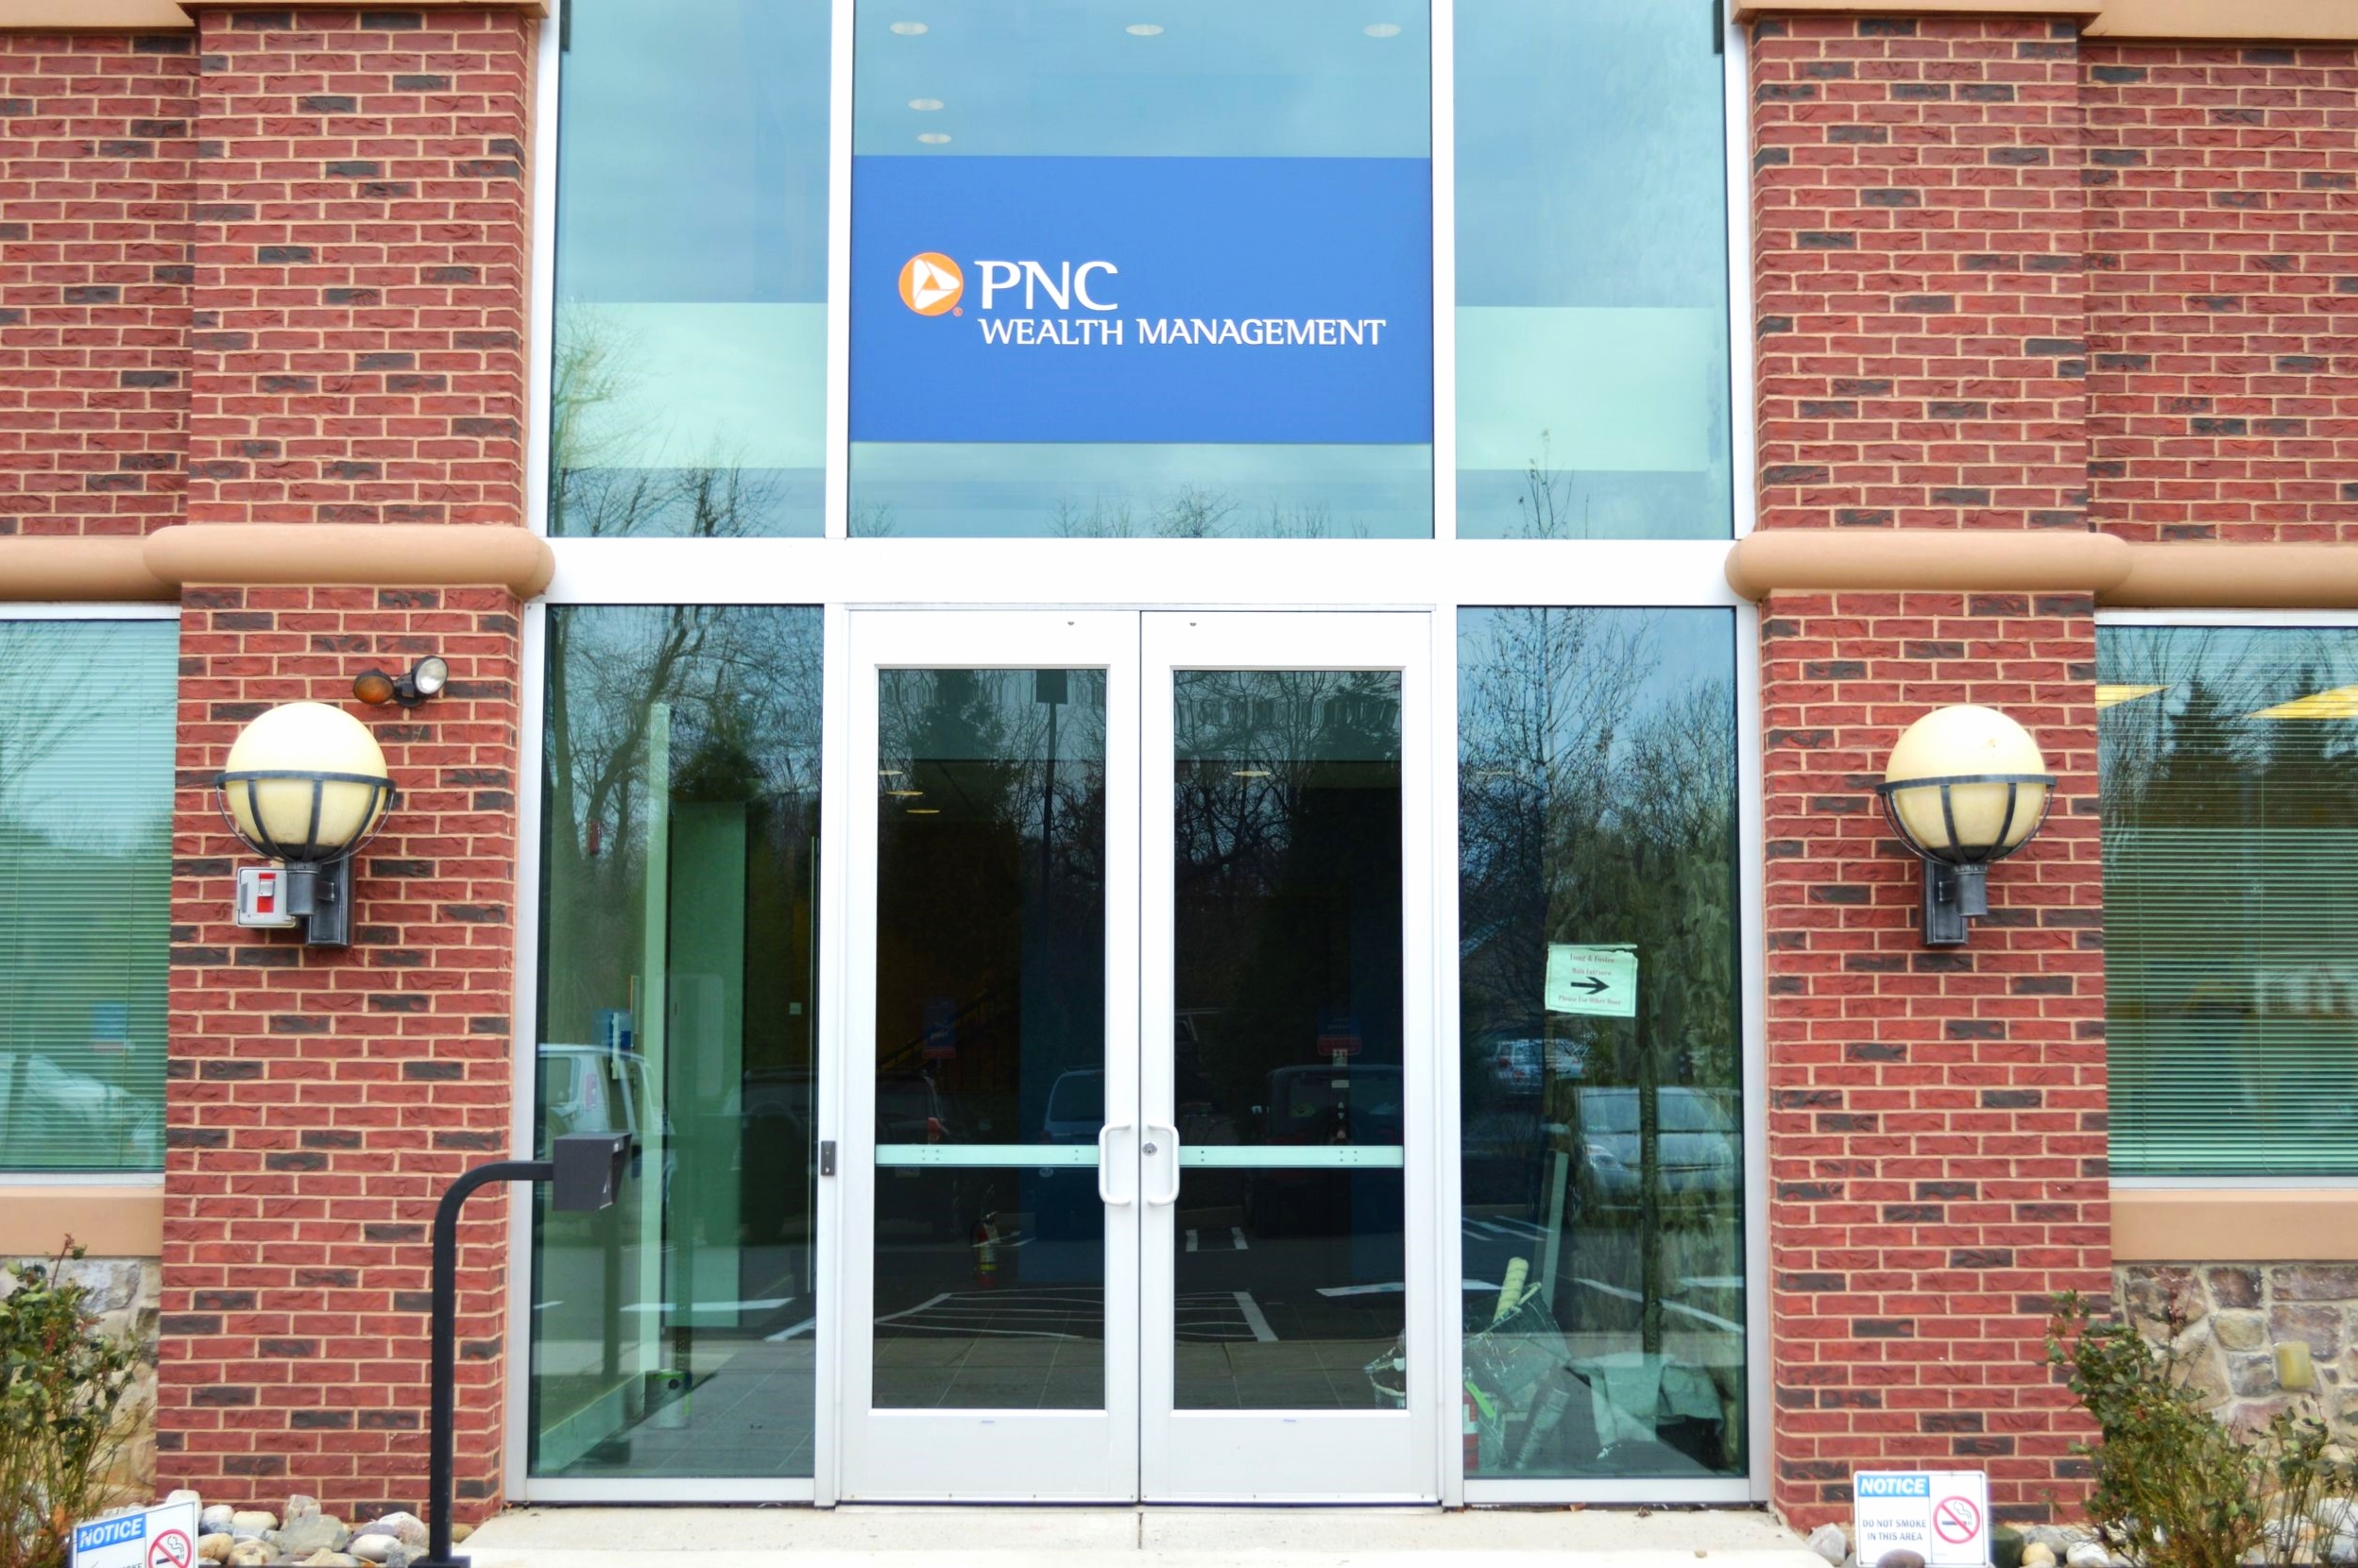 PNC BANK WEALTH MANAGEMENT